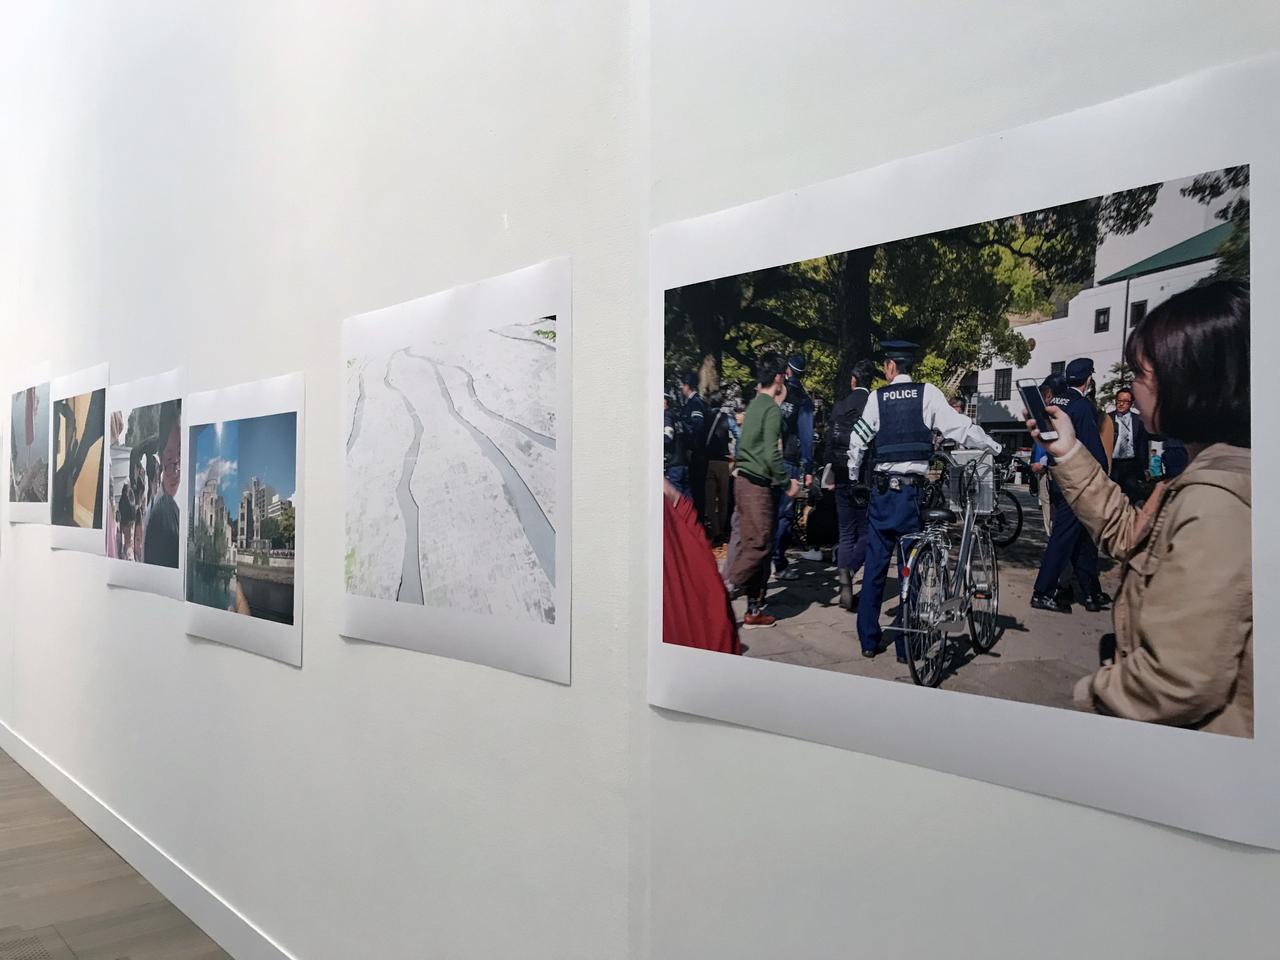 画像: 「1 傷ついた風景-75年目を迎える広島と長崎」 展示風景:藤岡亜弥 《川はゆく》 2020年 photo©saitomoichi